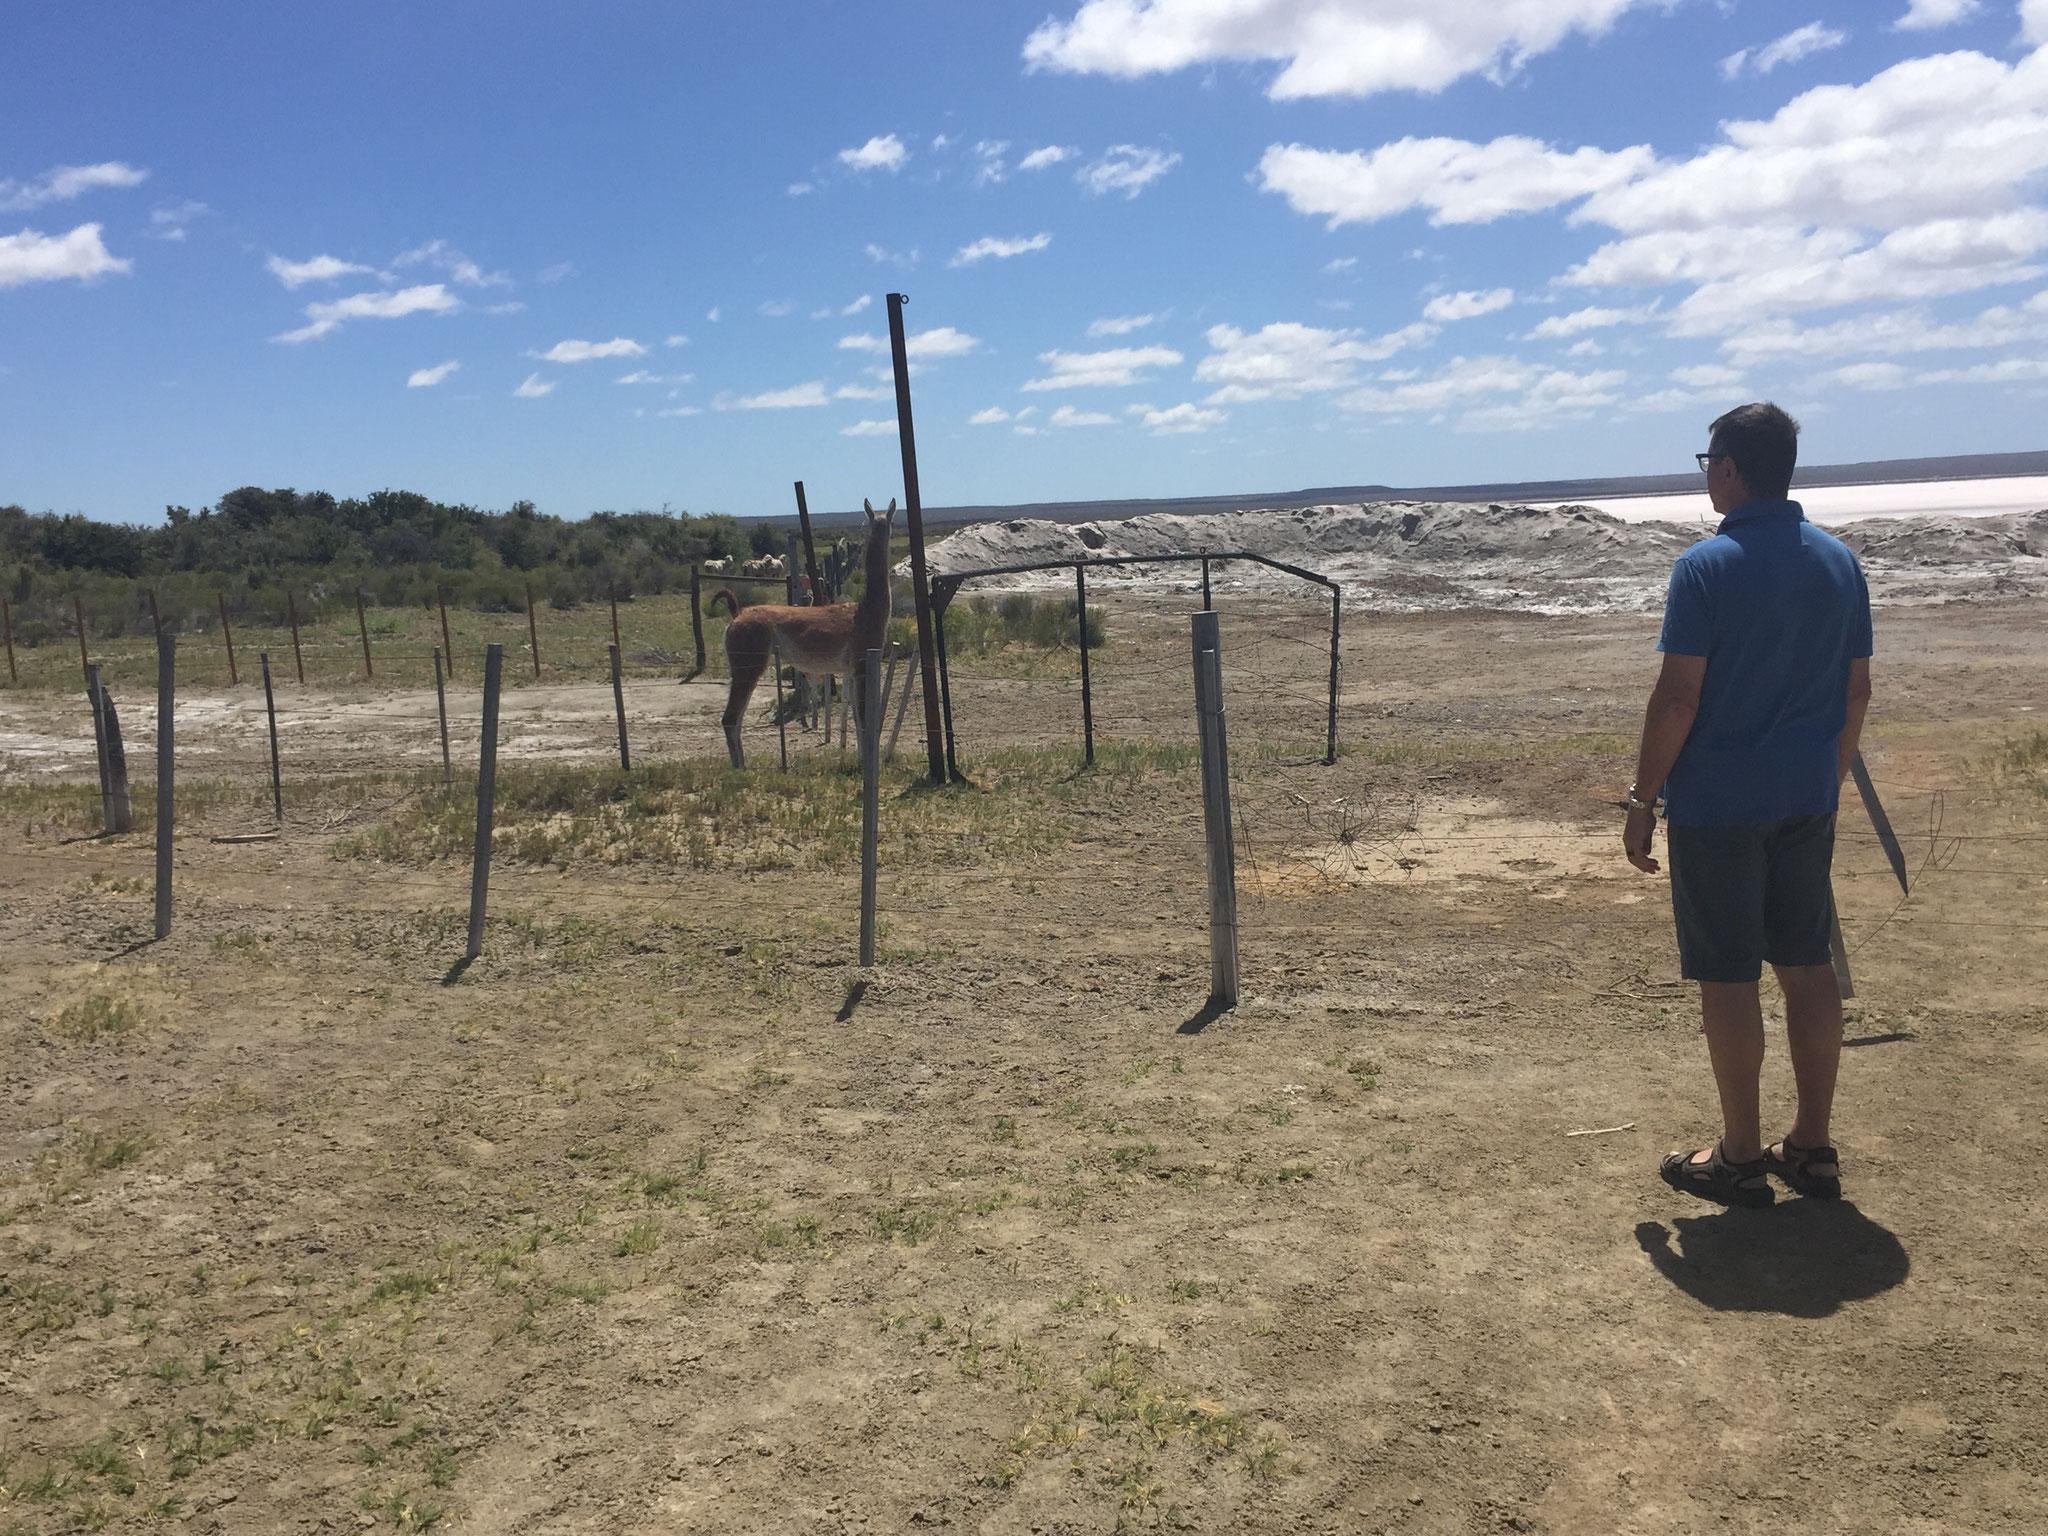 Zaun und Guanako versperren Weg